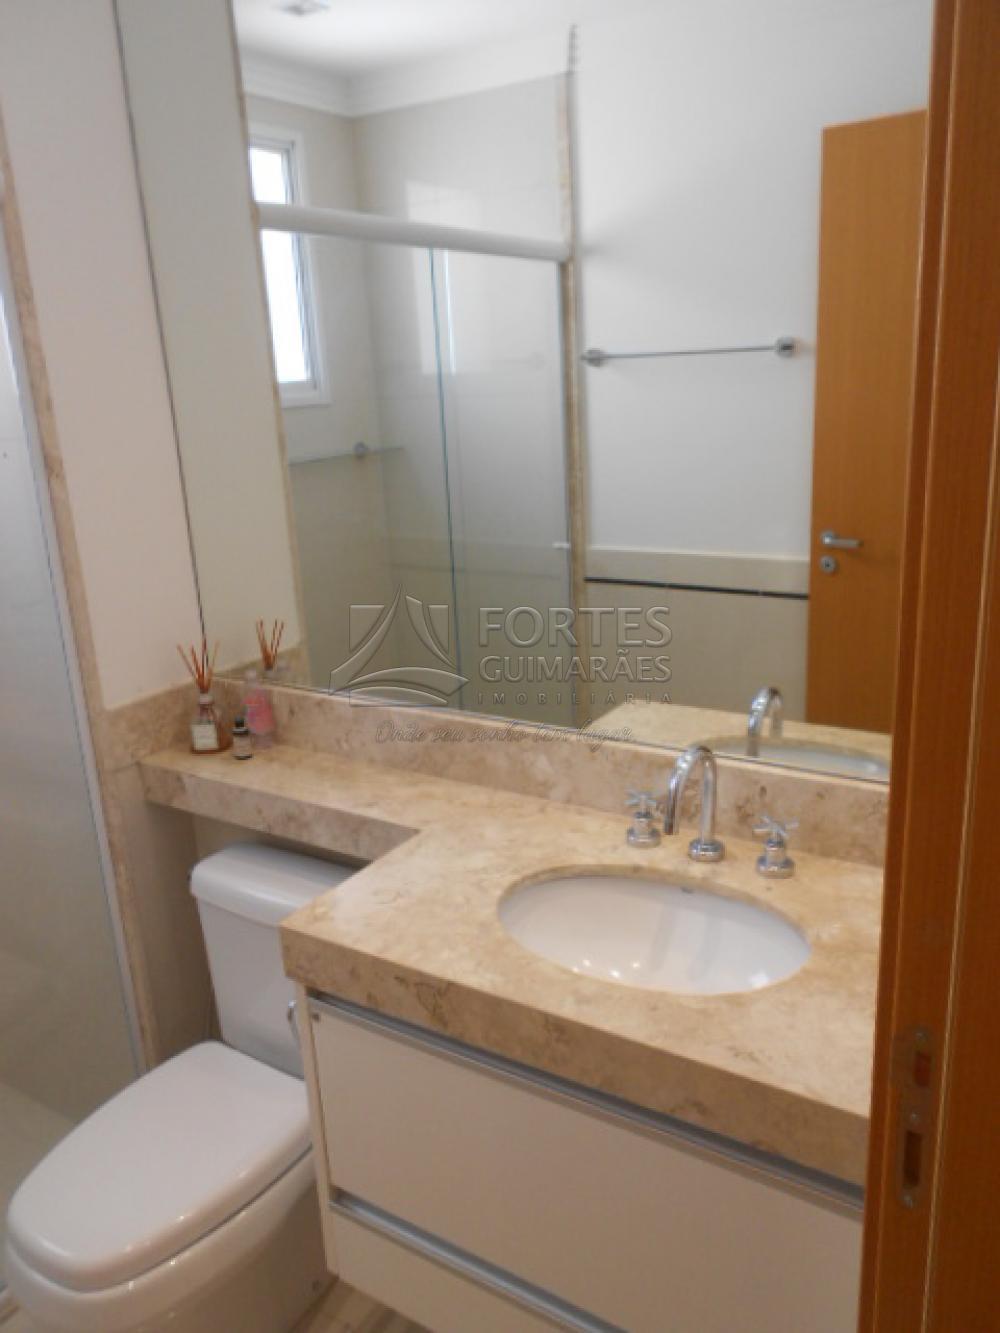 Alugar Apartamentos / Padrão em Ribeirão Preto apenas R$ 8.500,00 - Foto 28